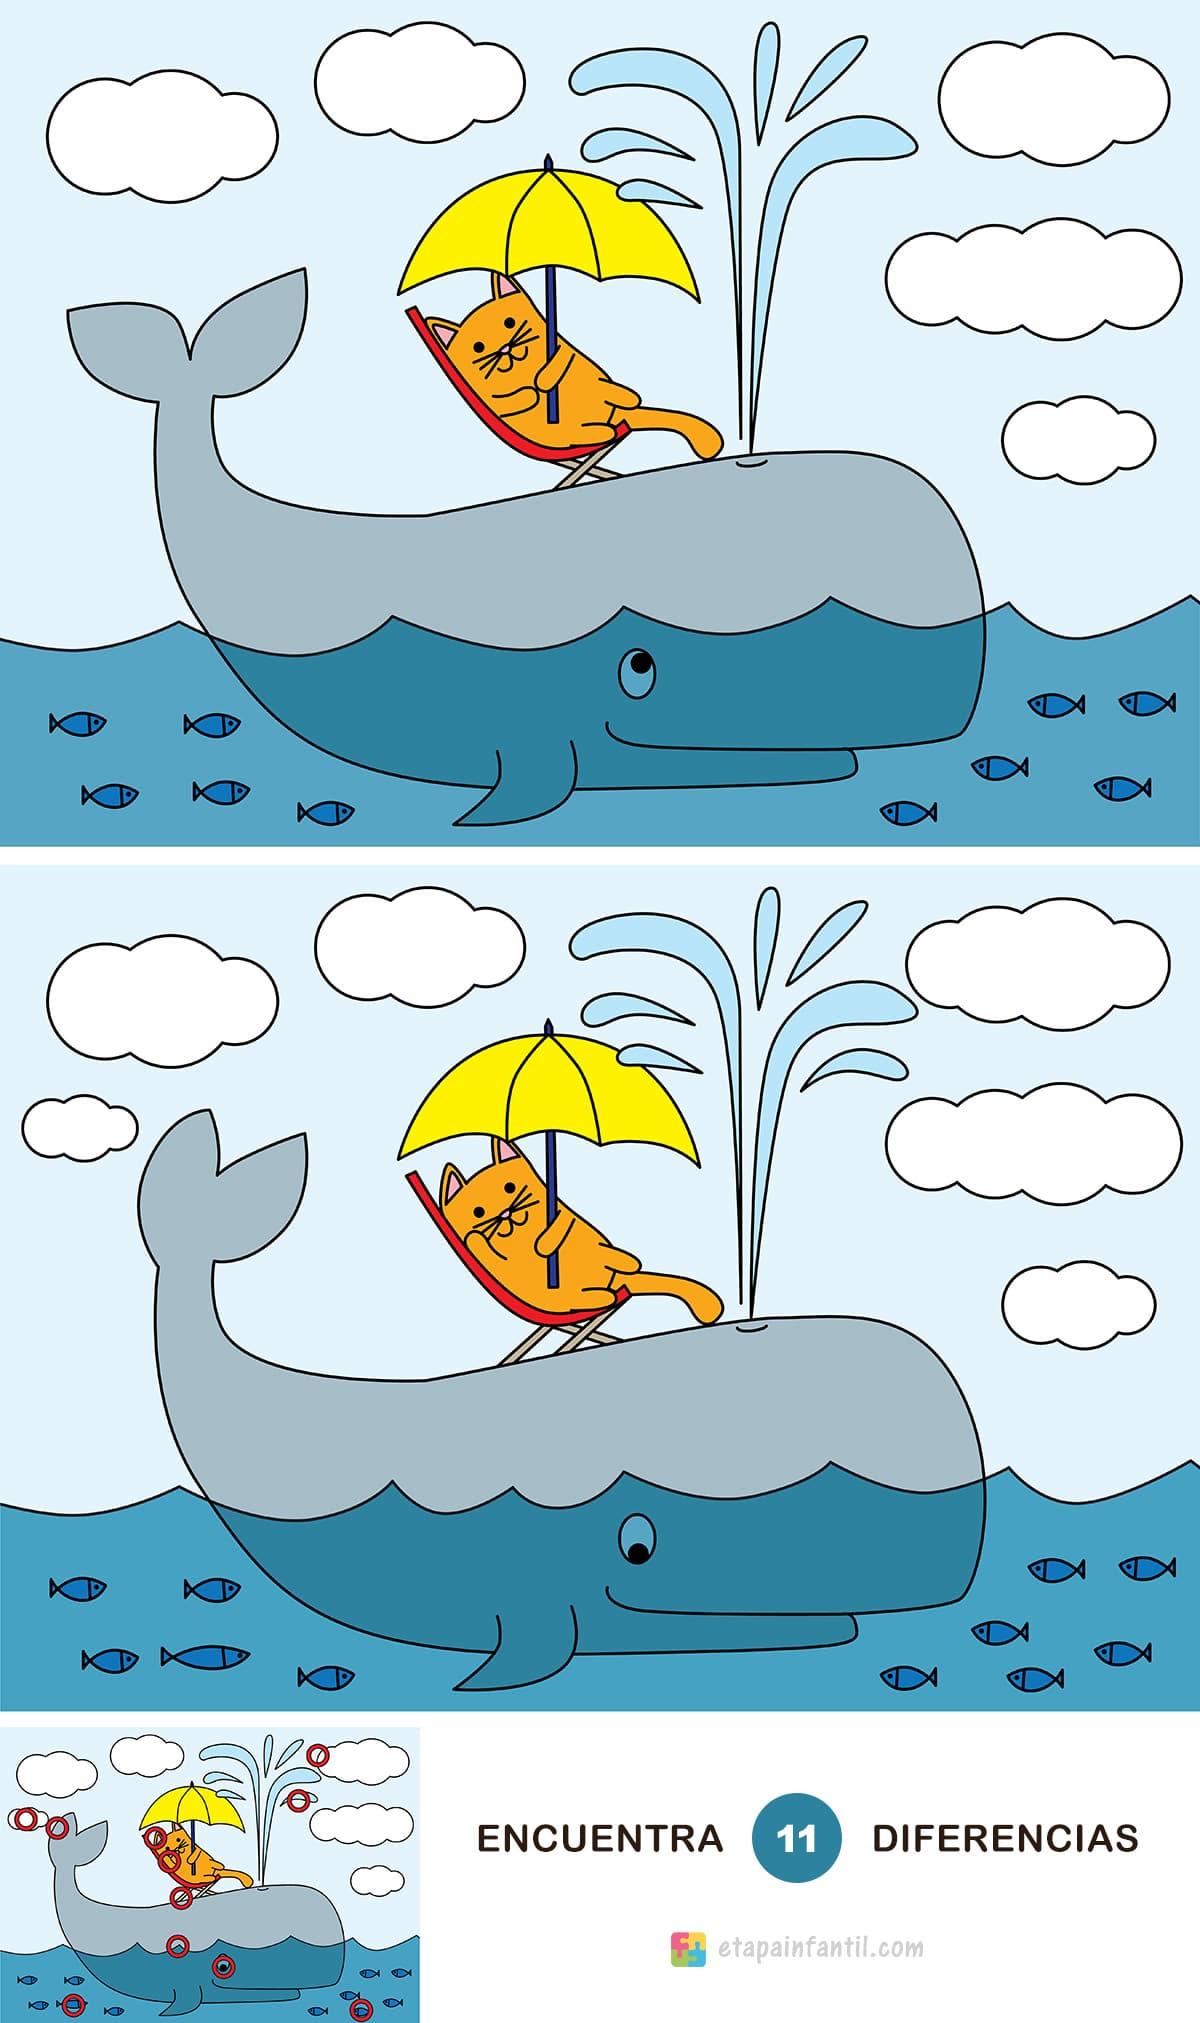 Encuentra las 11 diferencias: Gato tomando el sol sobre una ballena